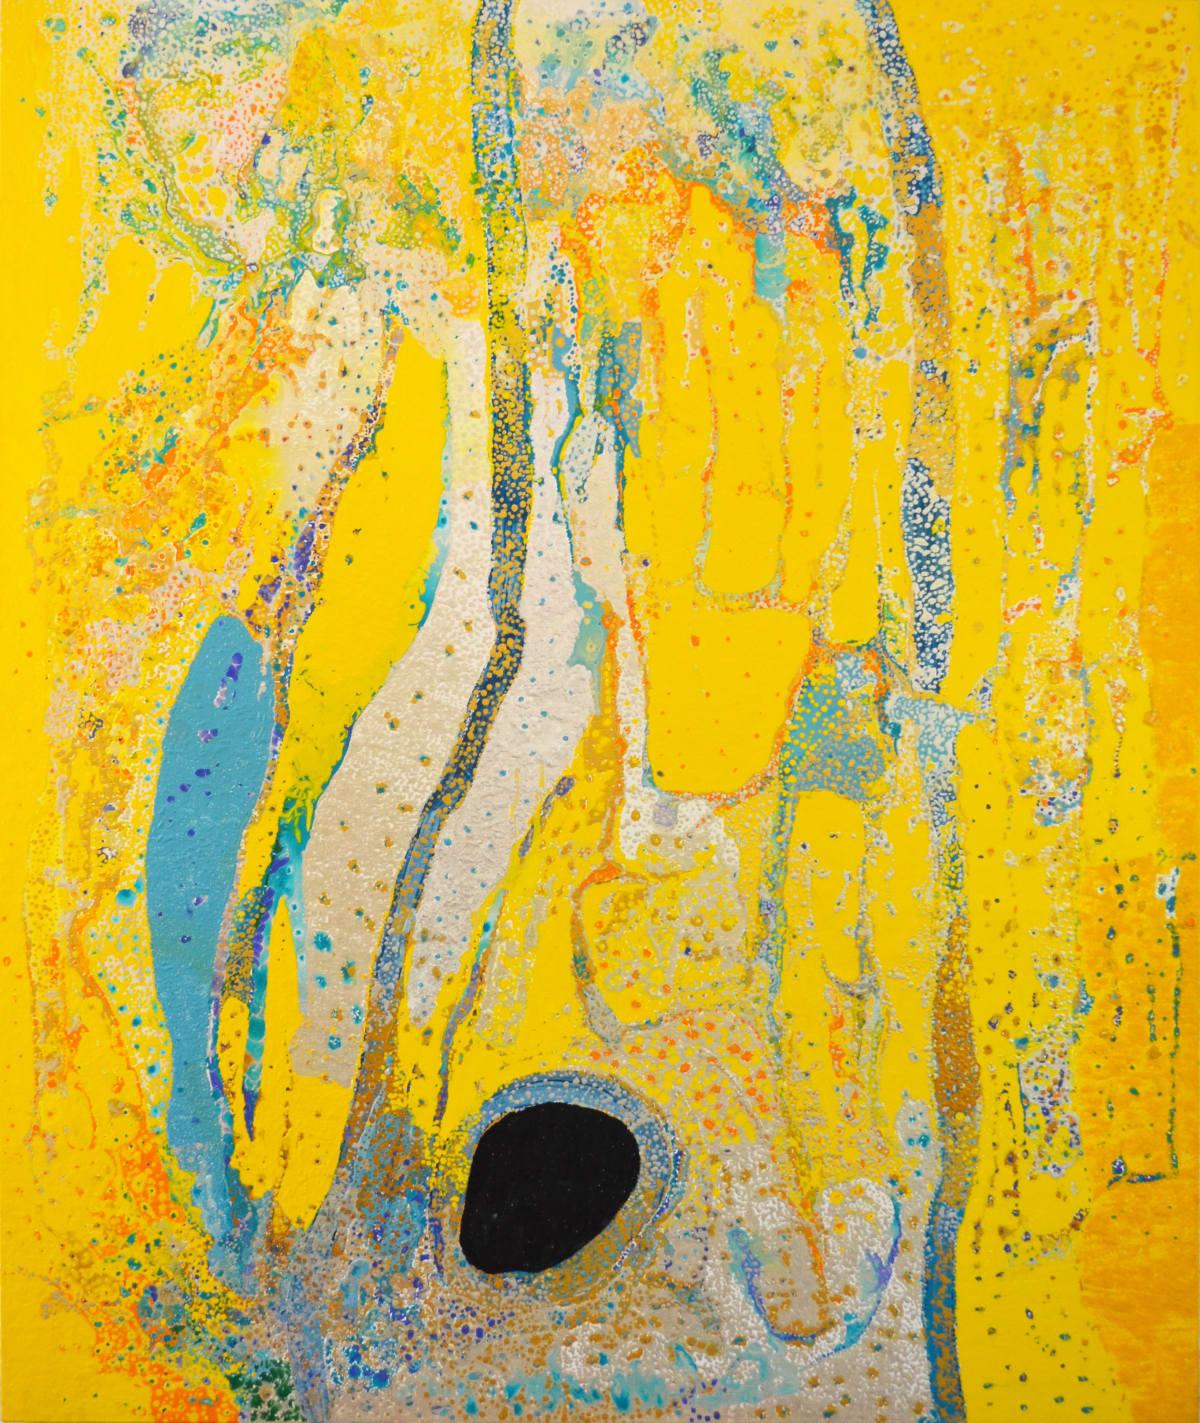 Daniel Walbidi Kirriwirri acrylic on linen 180 x 150 cm